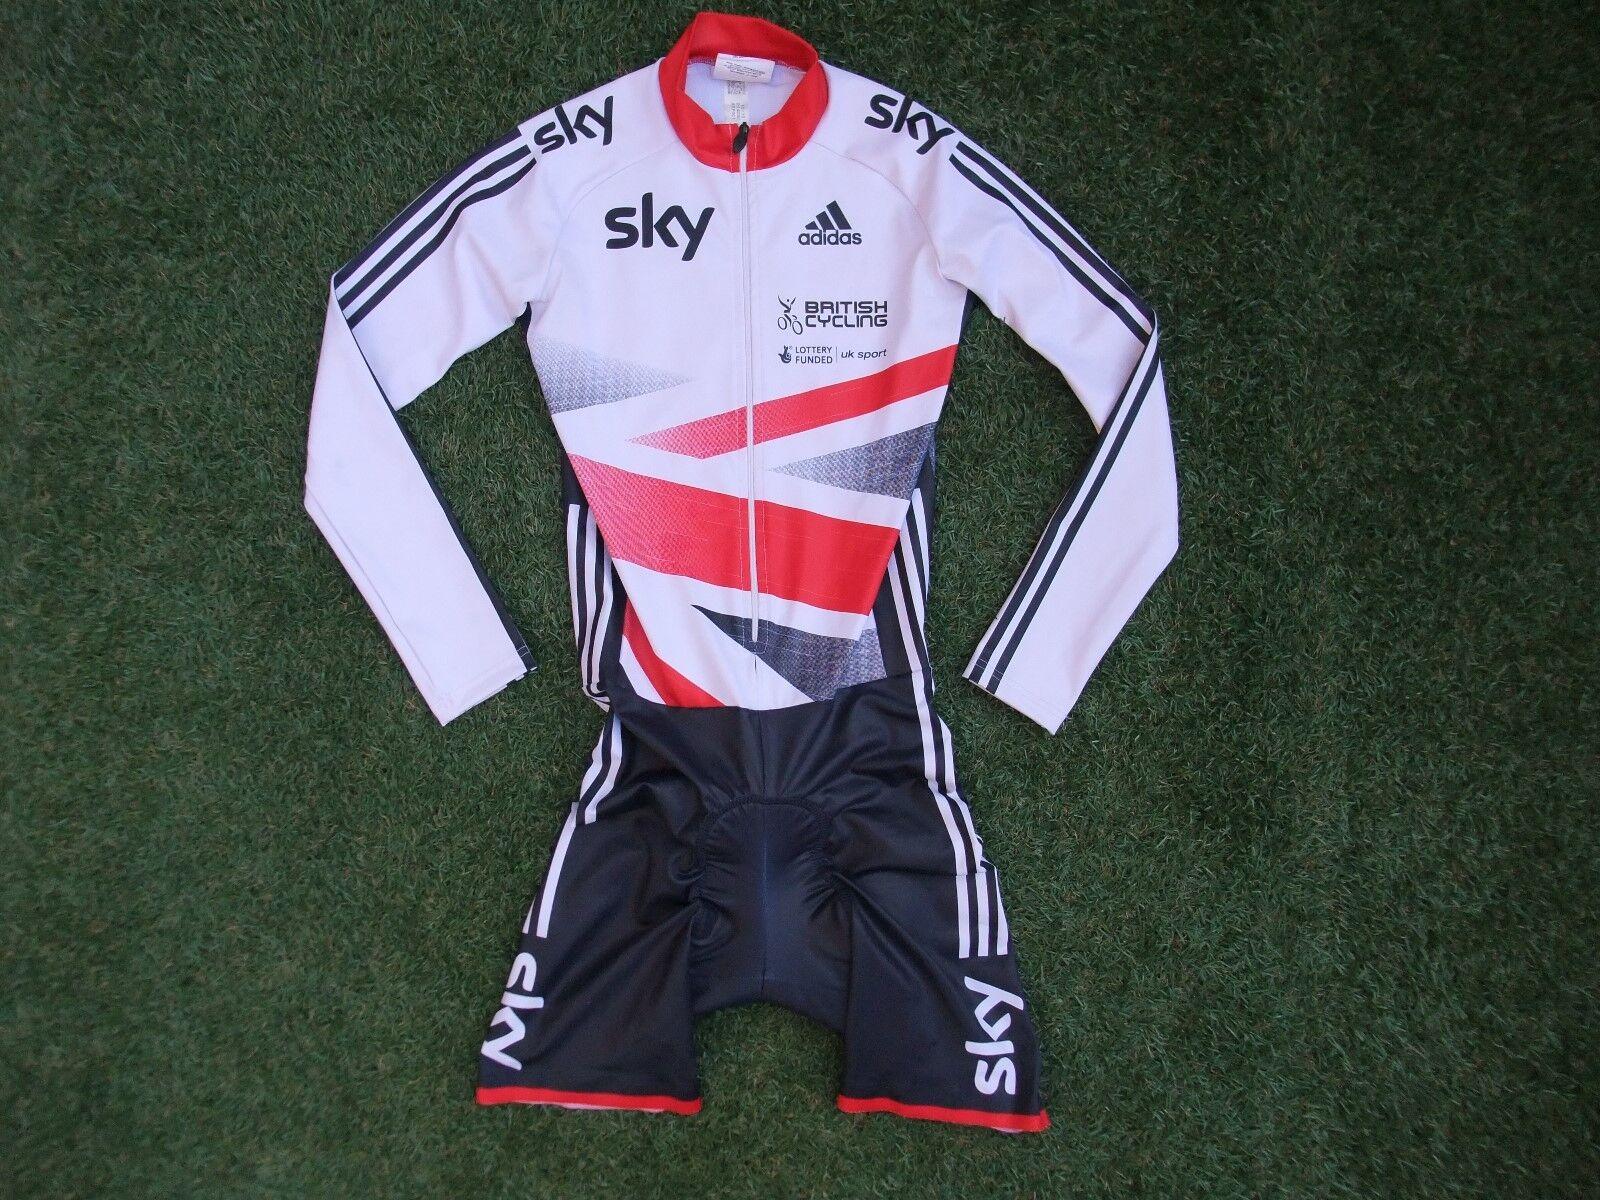 Team GB Británico Ciclismo Adidas cielo Issue  Acolchado Traje De Piel De Velocidad Ls Aero  Small  garantía de crédito